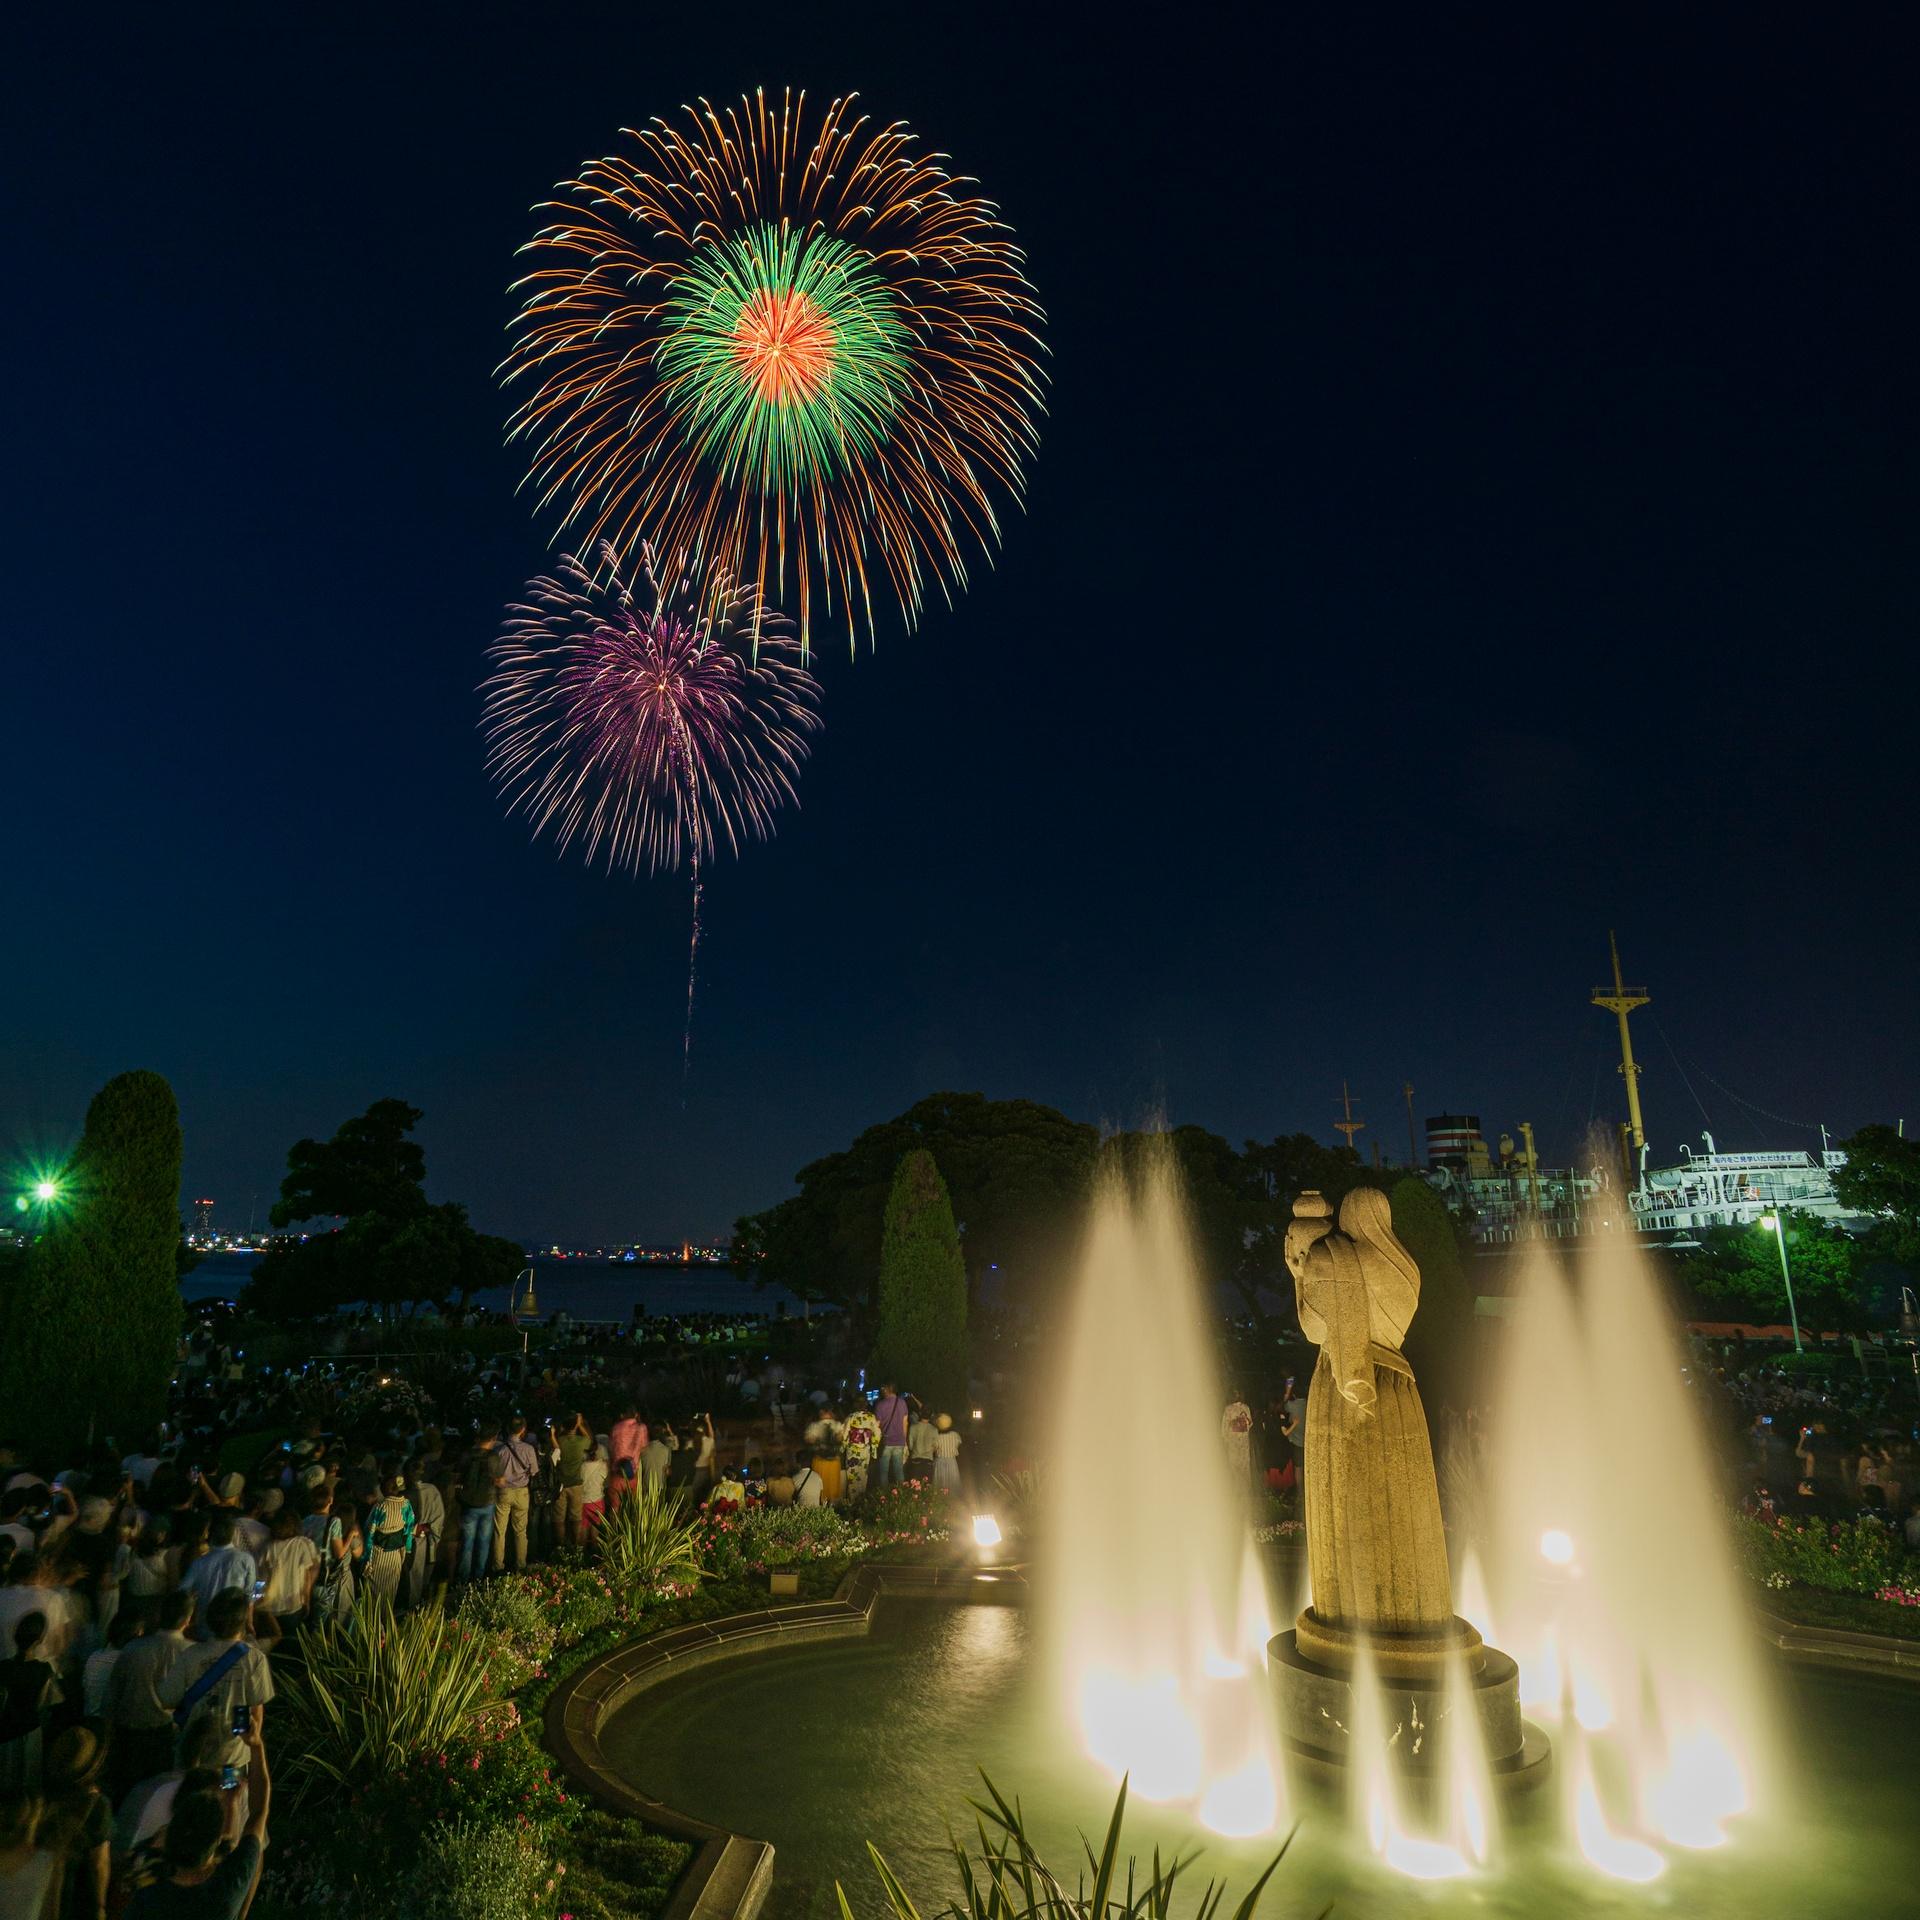 横浜スパークリングトワイライトの花火